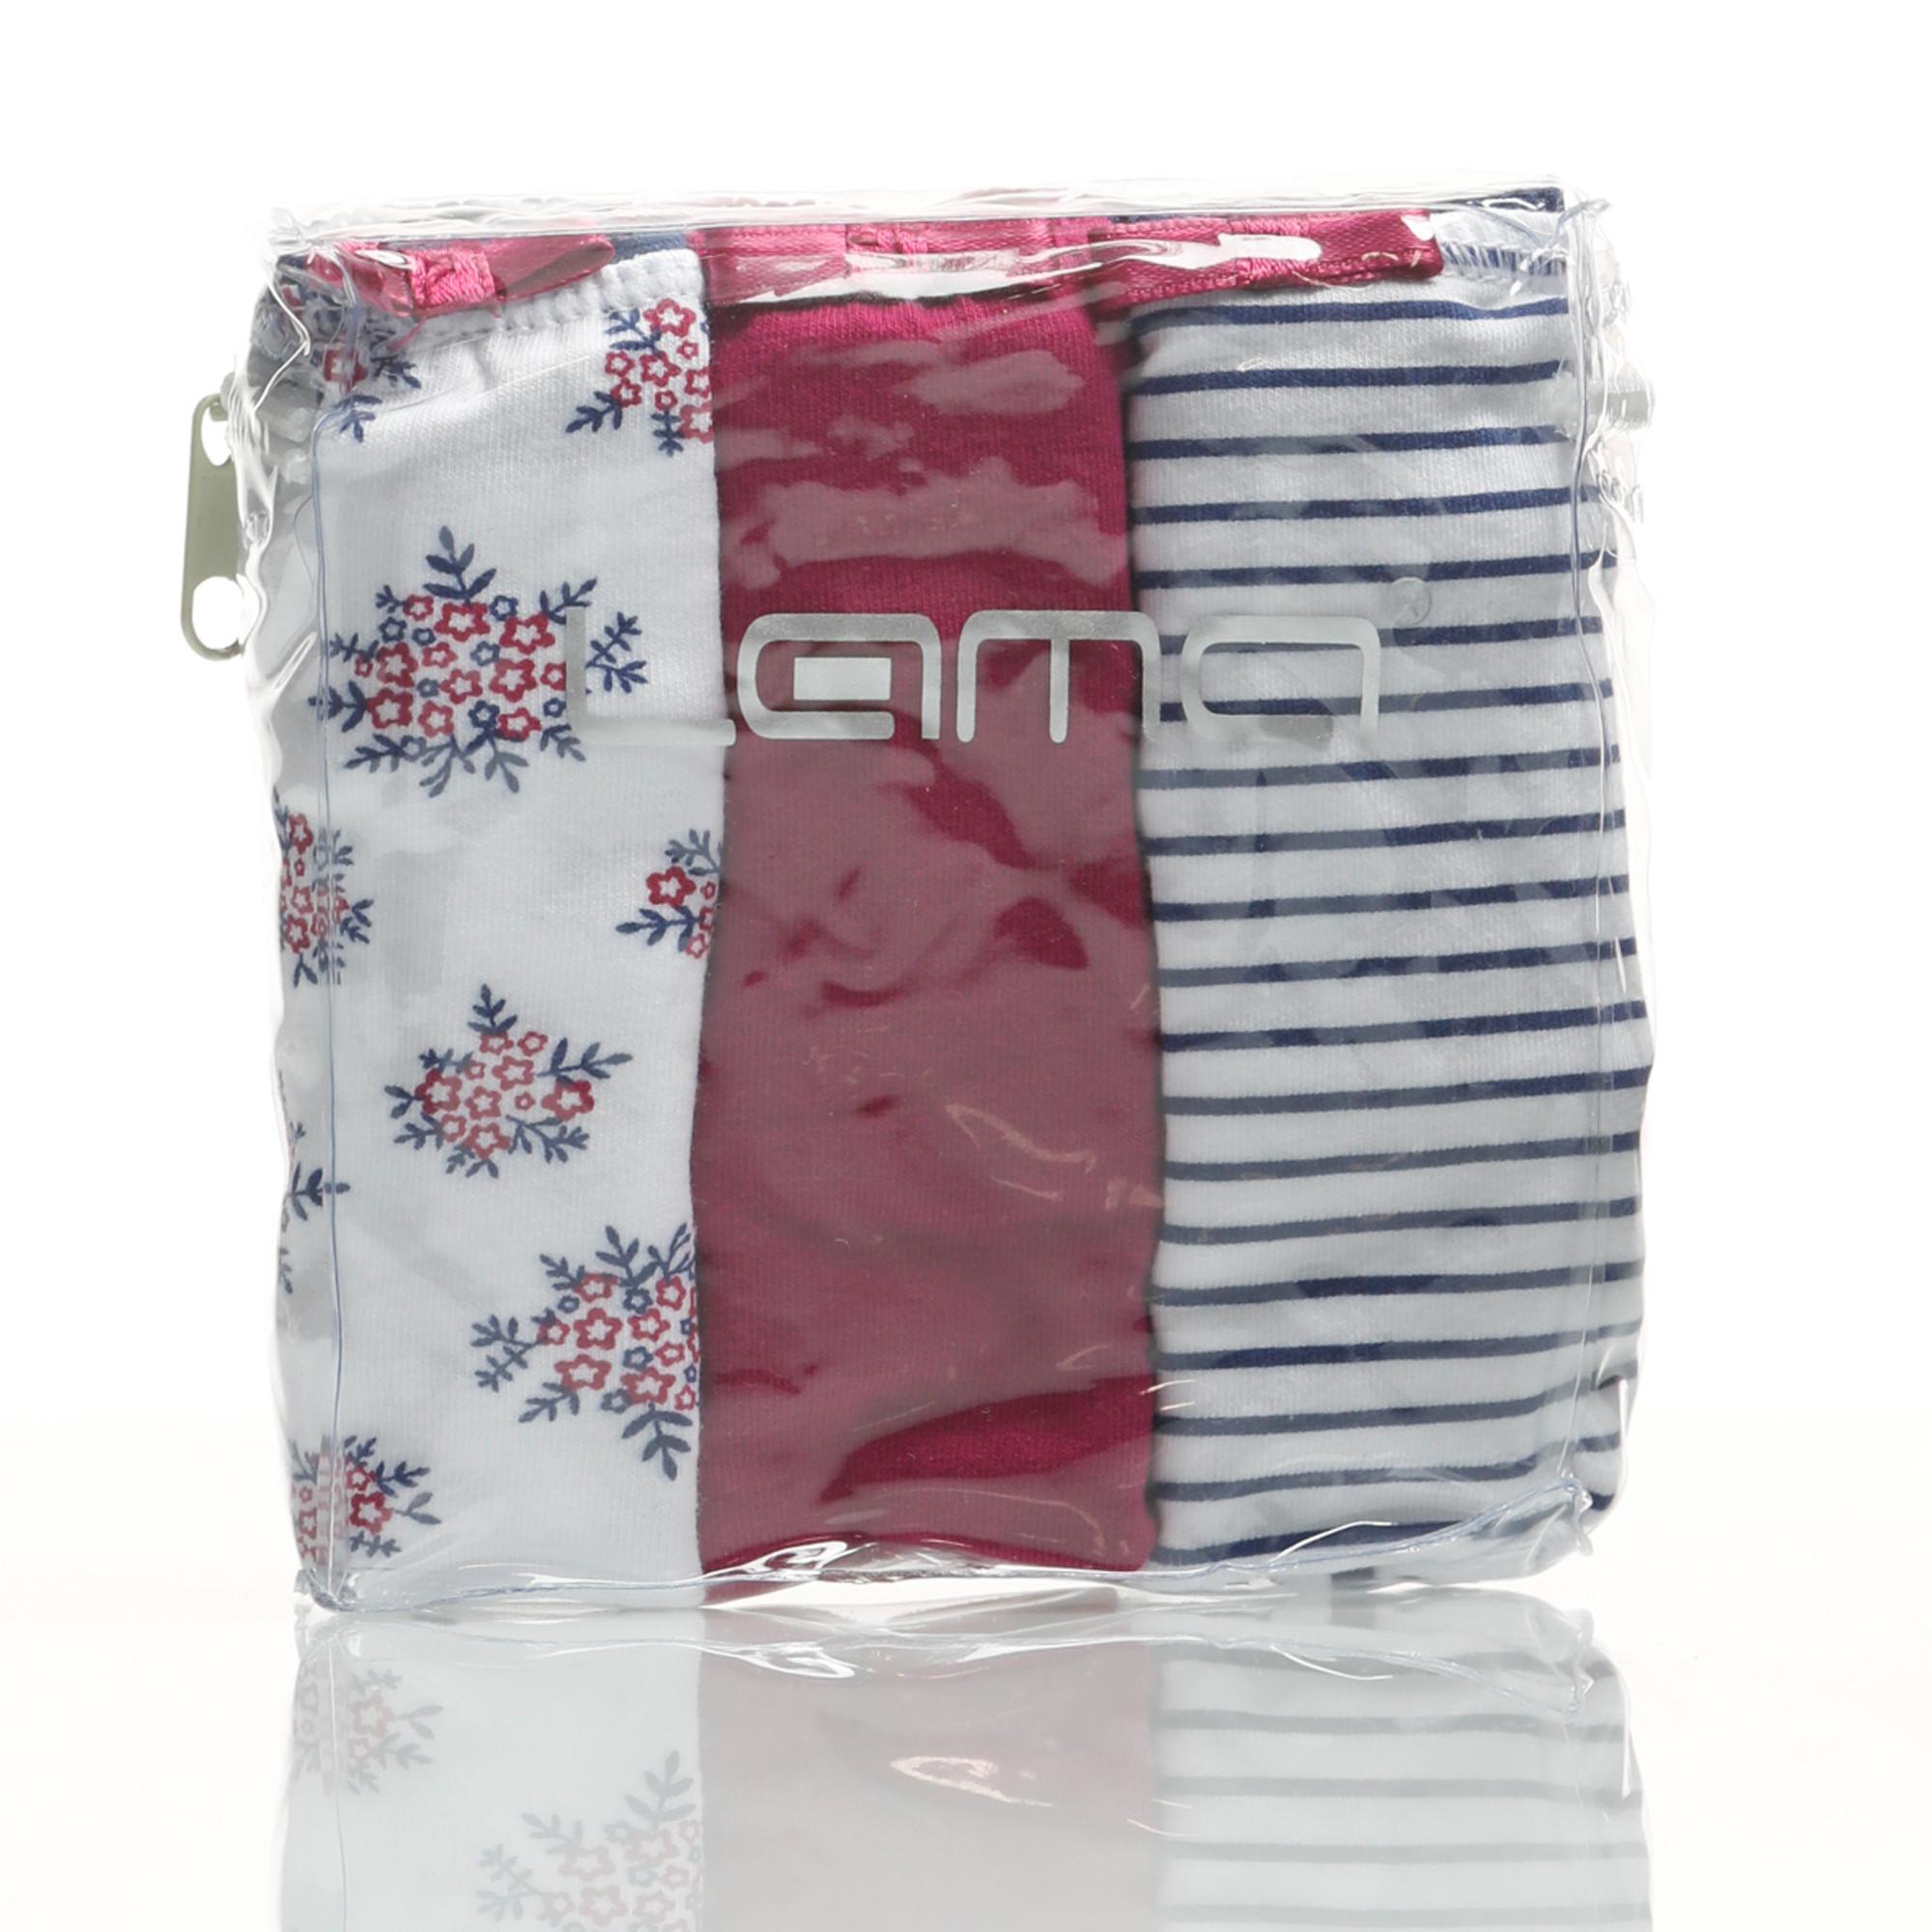 Dámské kalhotky L-103 MB-11, 3 balení - Lama bílo/červená/modrá XL